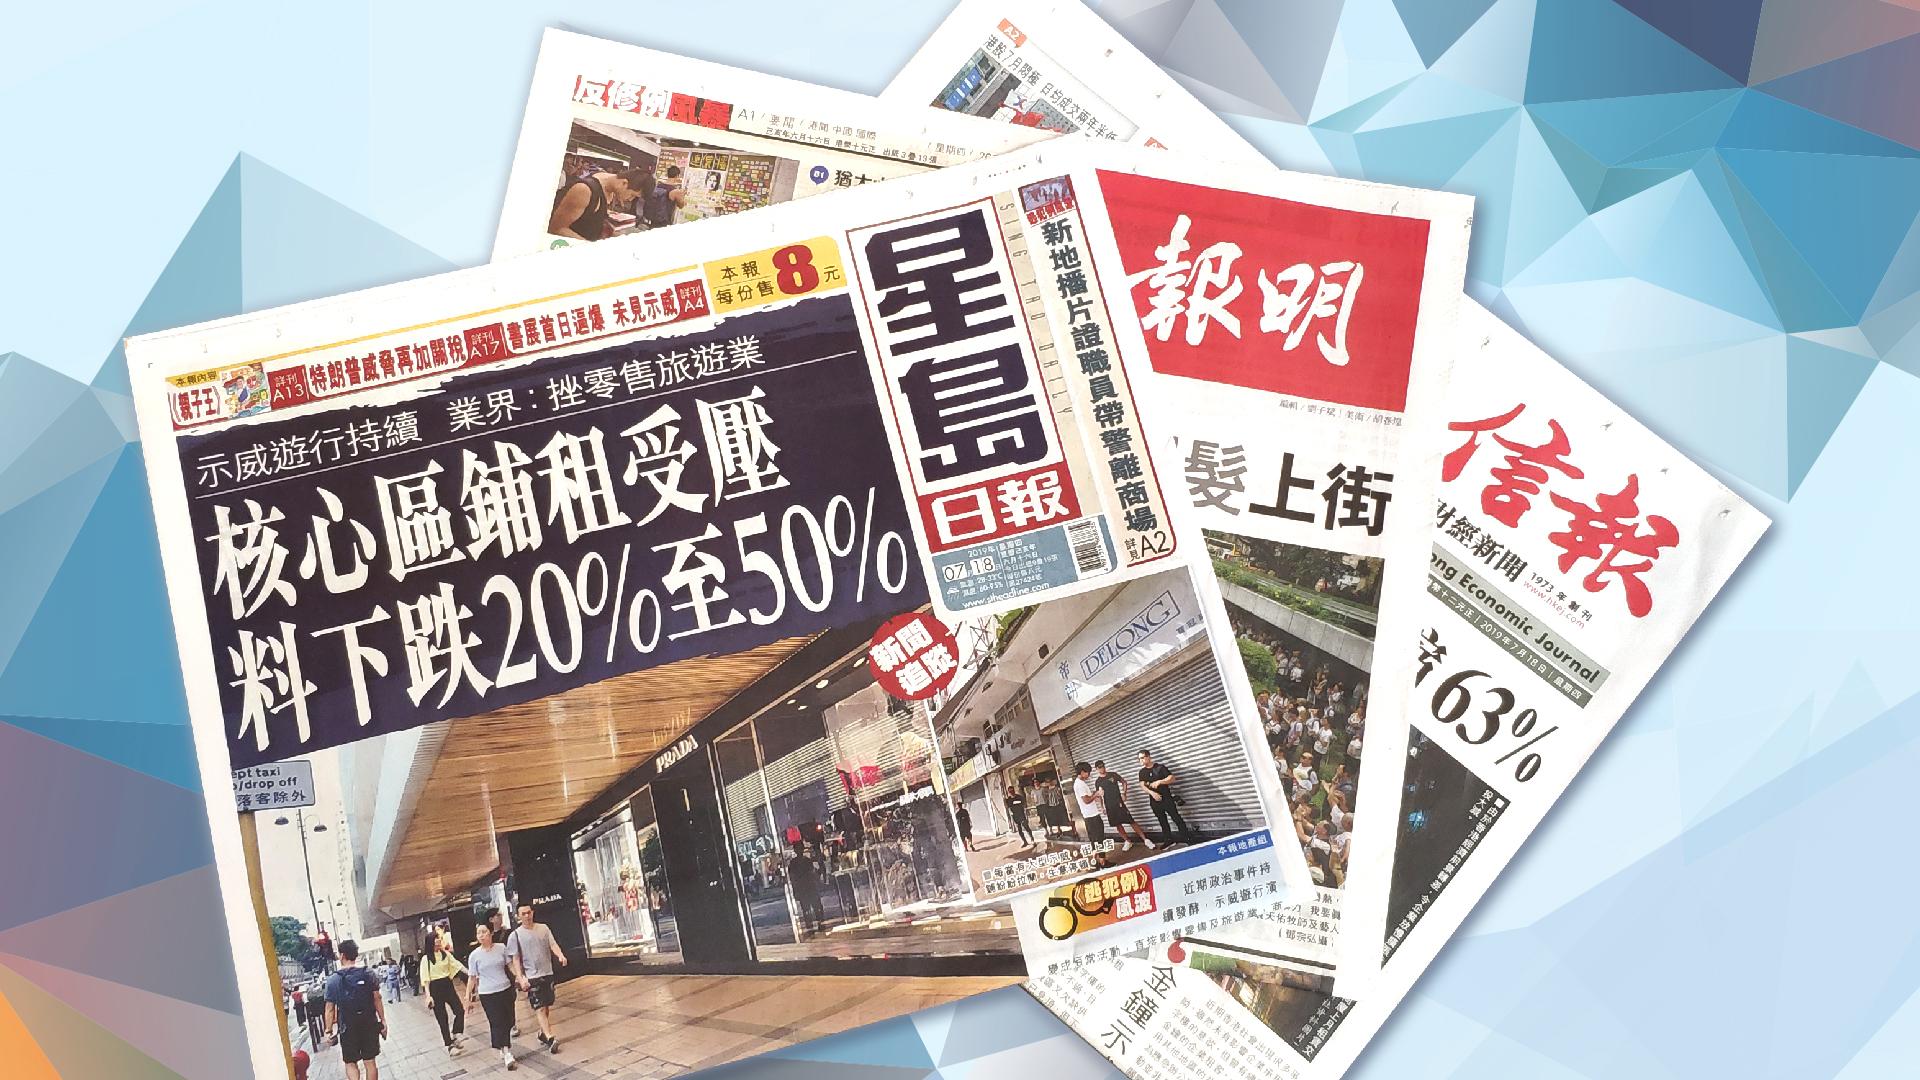 【報章A1速覽】核心區鋪租受壓 料下跌20%至50%;不讓黑髮獨行 千計銀髮上街